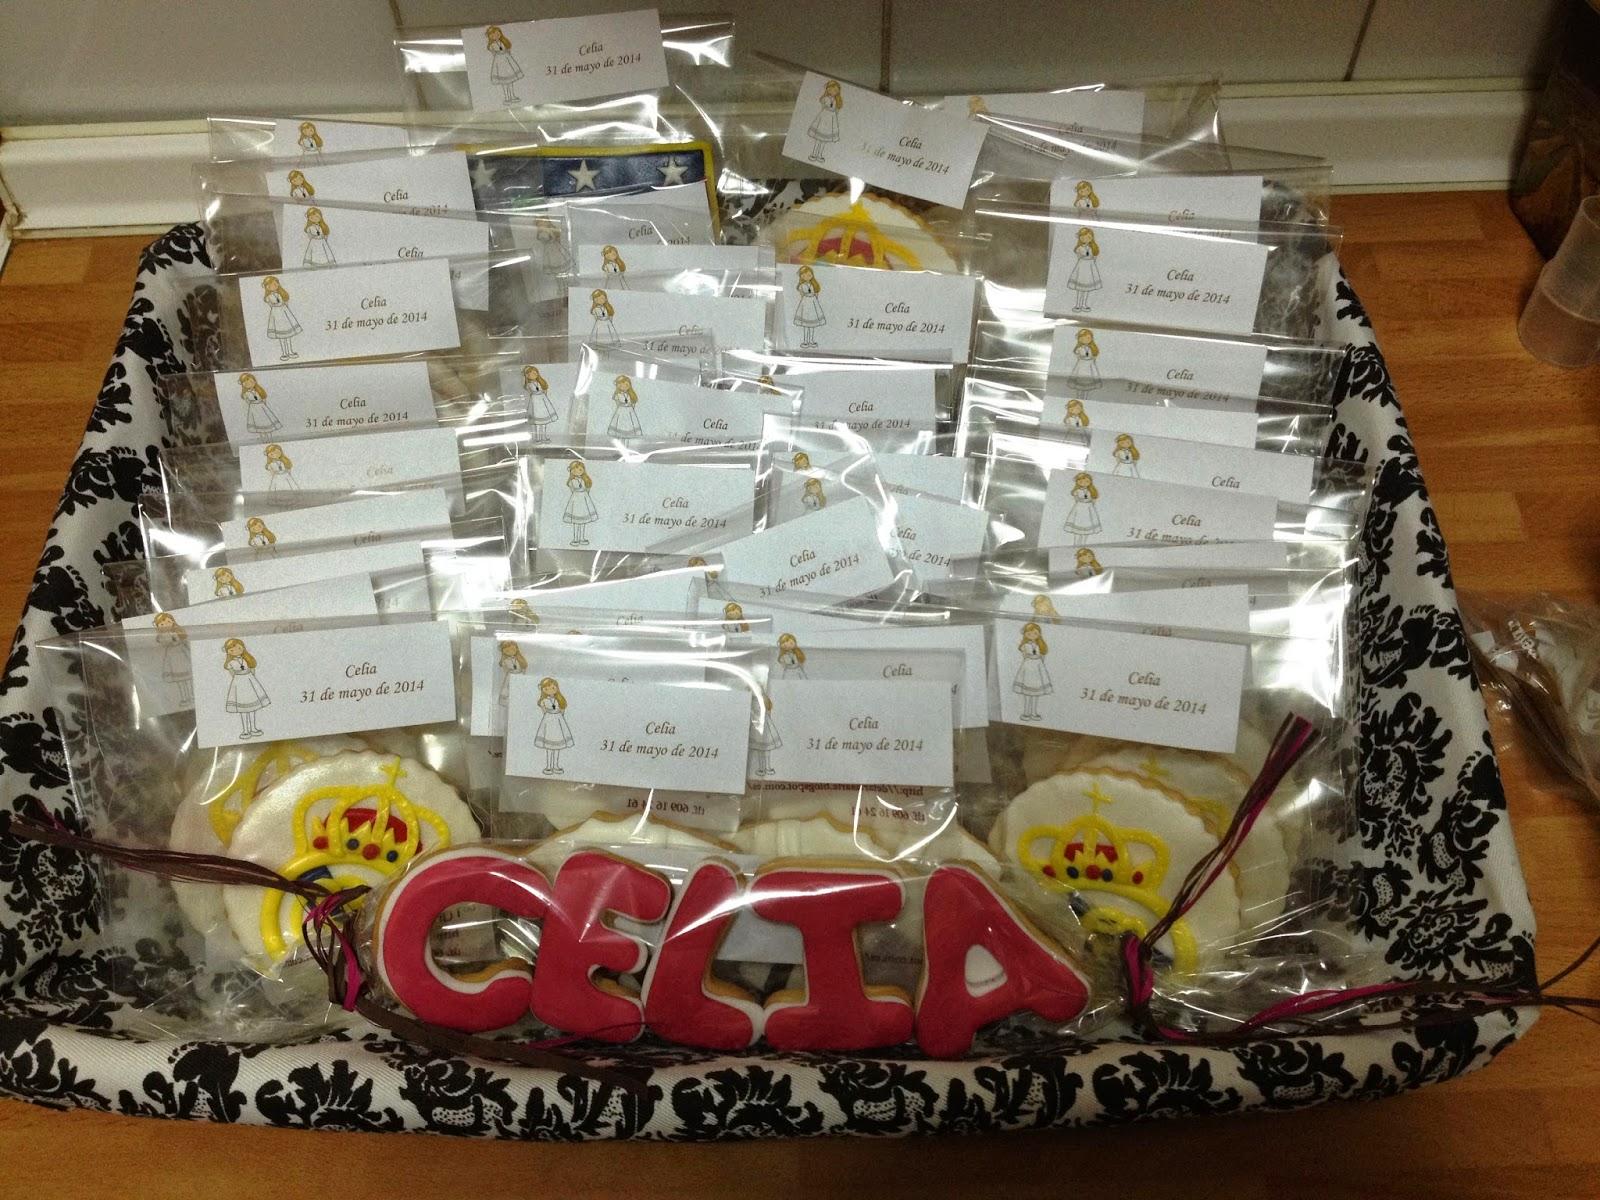 galletas comunion; galletas decoradas comunión; galletas judo; galletas real madrid; galletas atleti